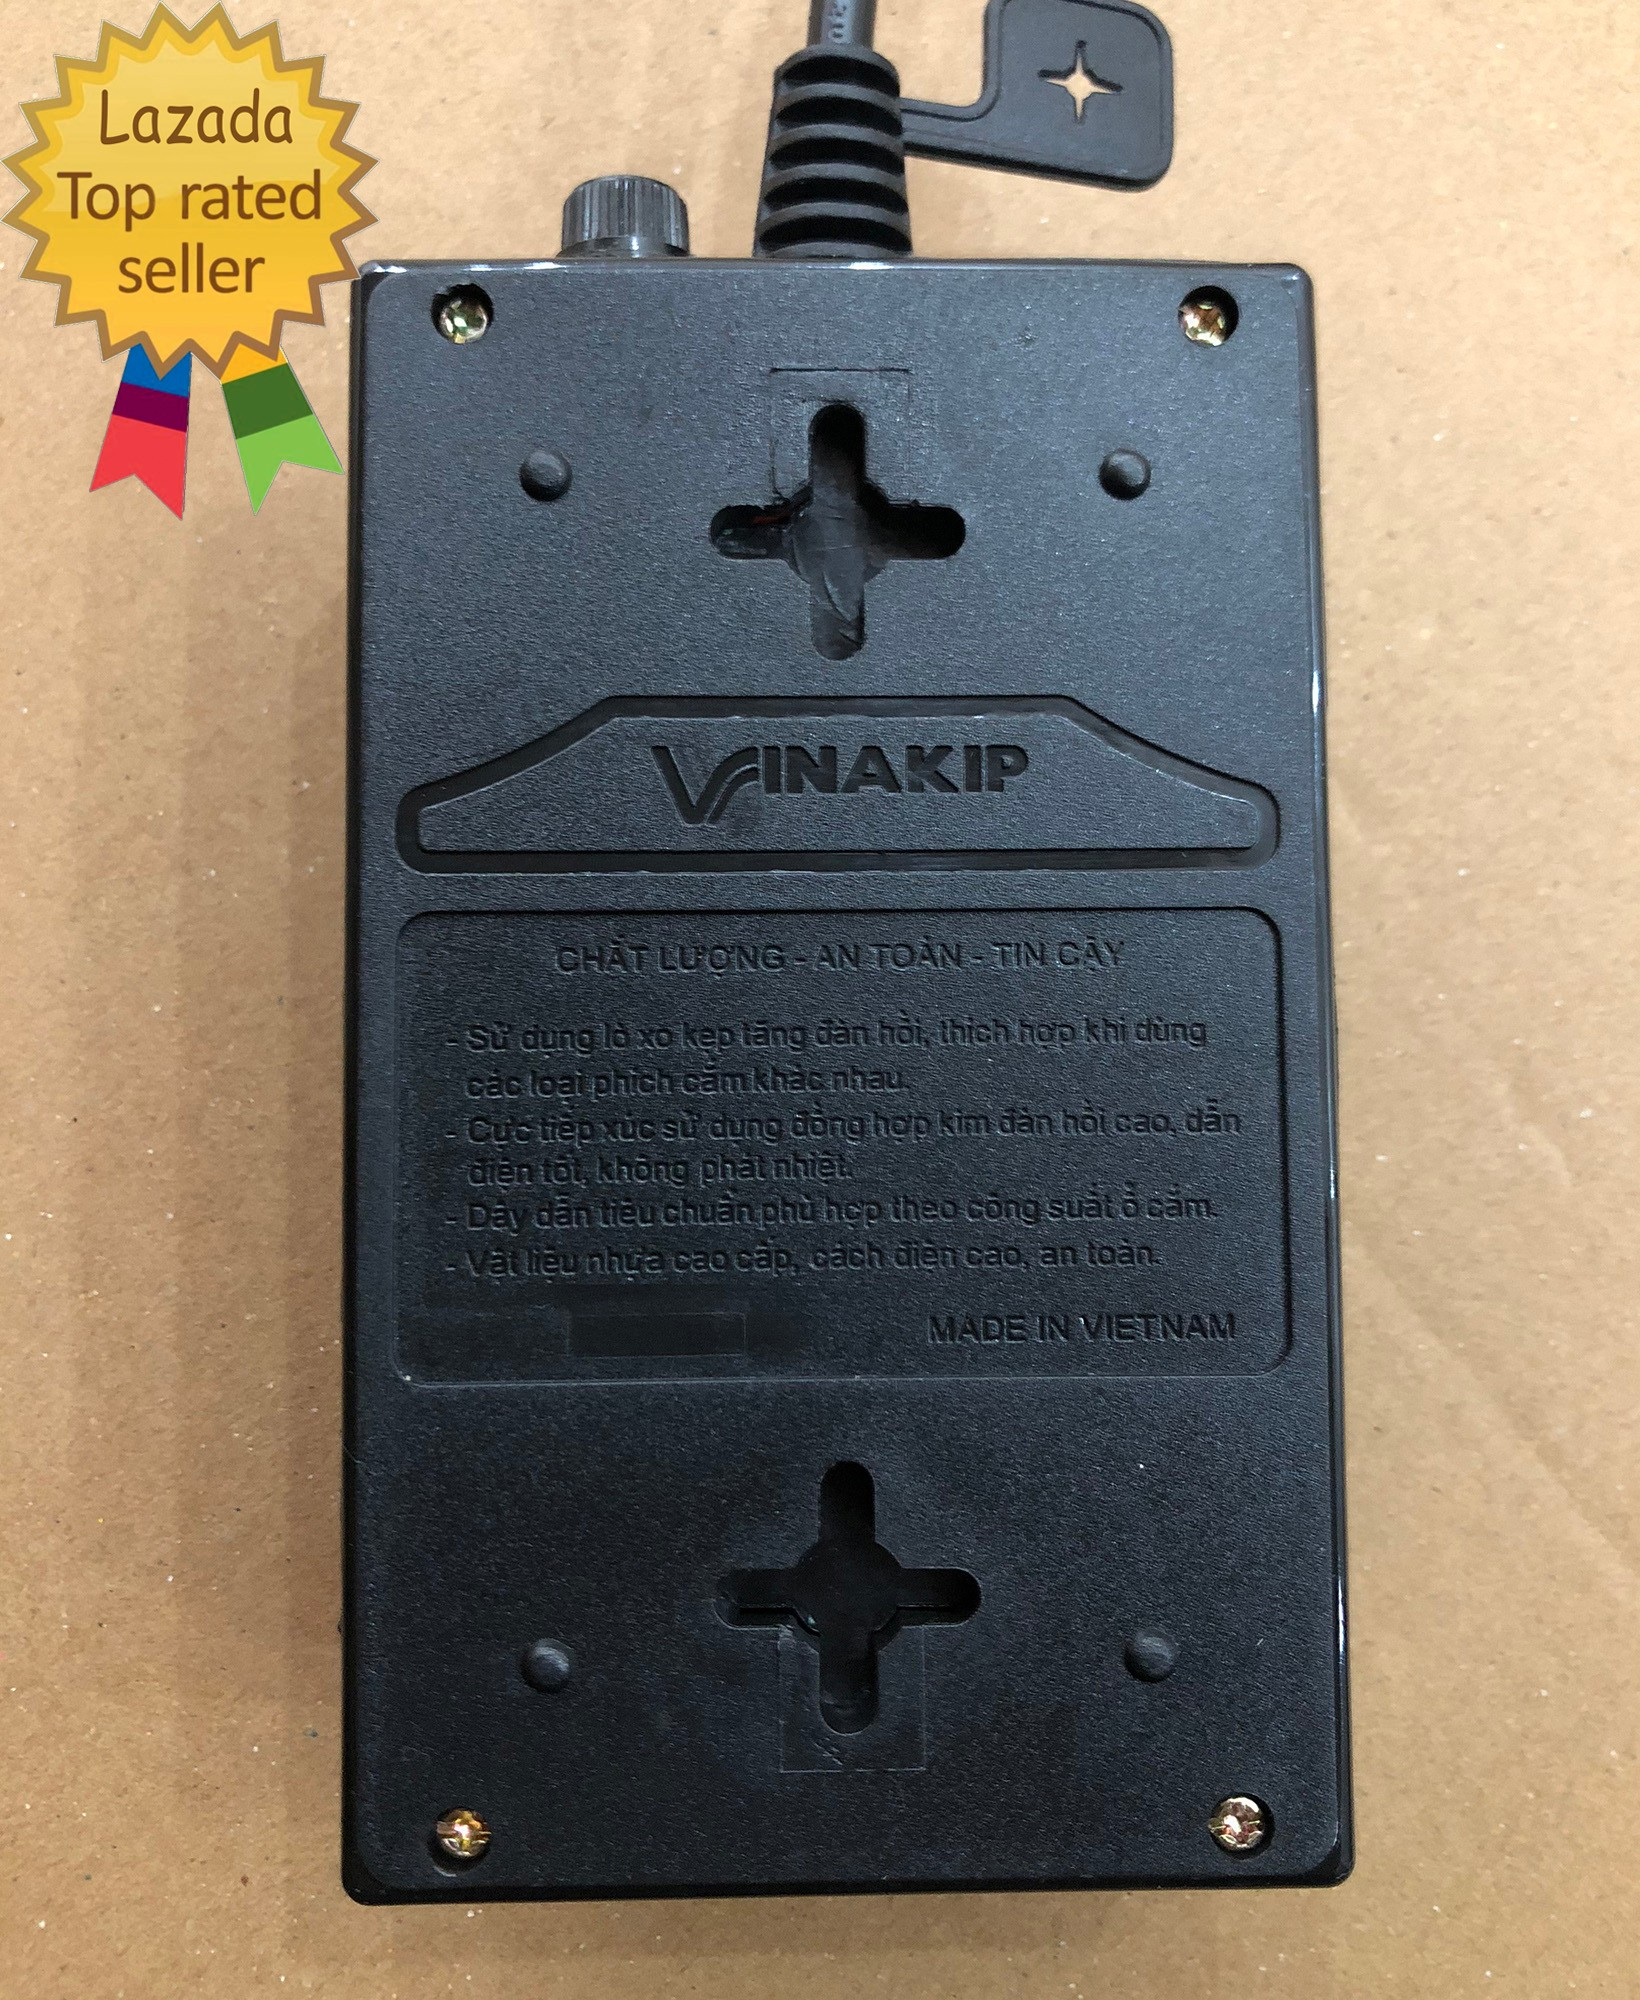 Ổ cắm điện 5m chịu tải 2500W VINAKIP - ổ cắm điện đa năng 6 ngả 2 công tắc  [ĐƯỢC KIỂM HÀNG] - 16103160   Ổ cắm điện